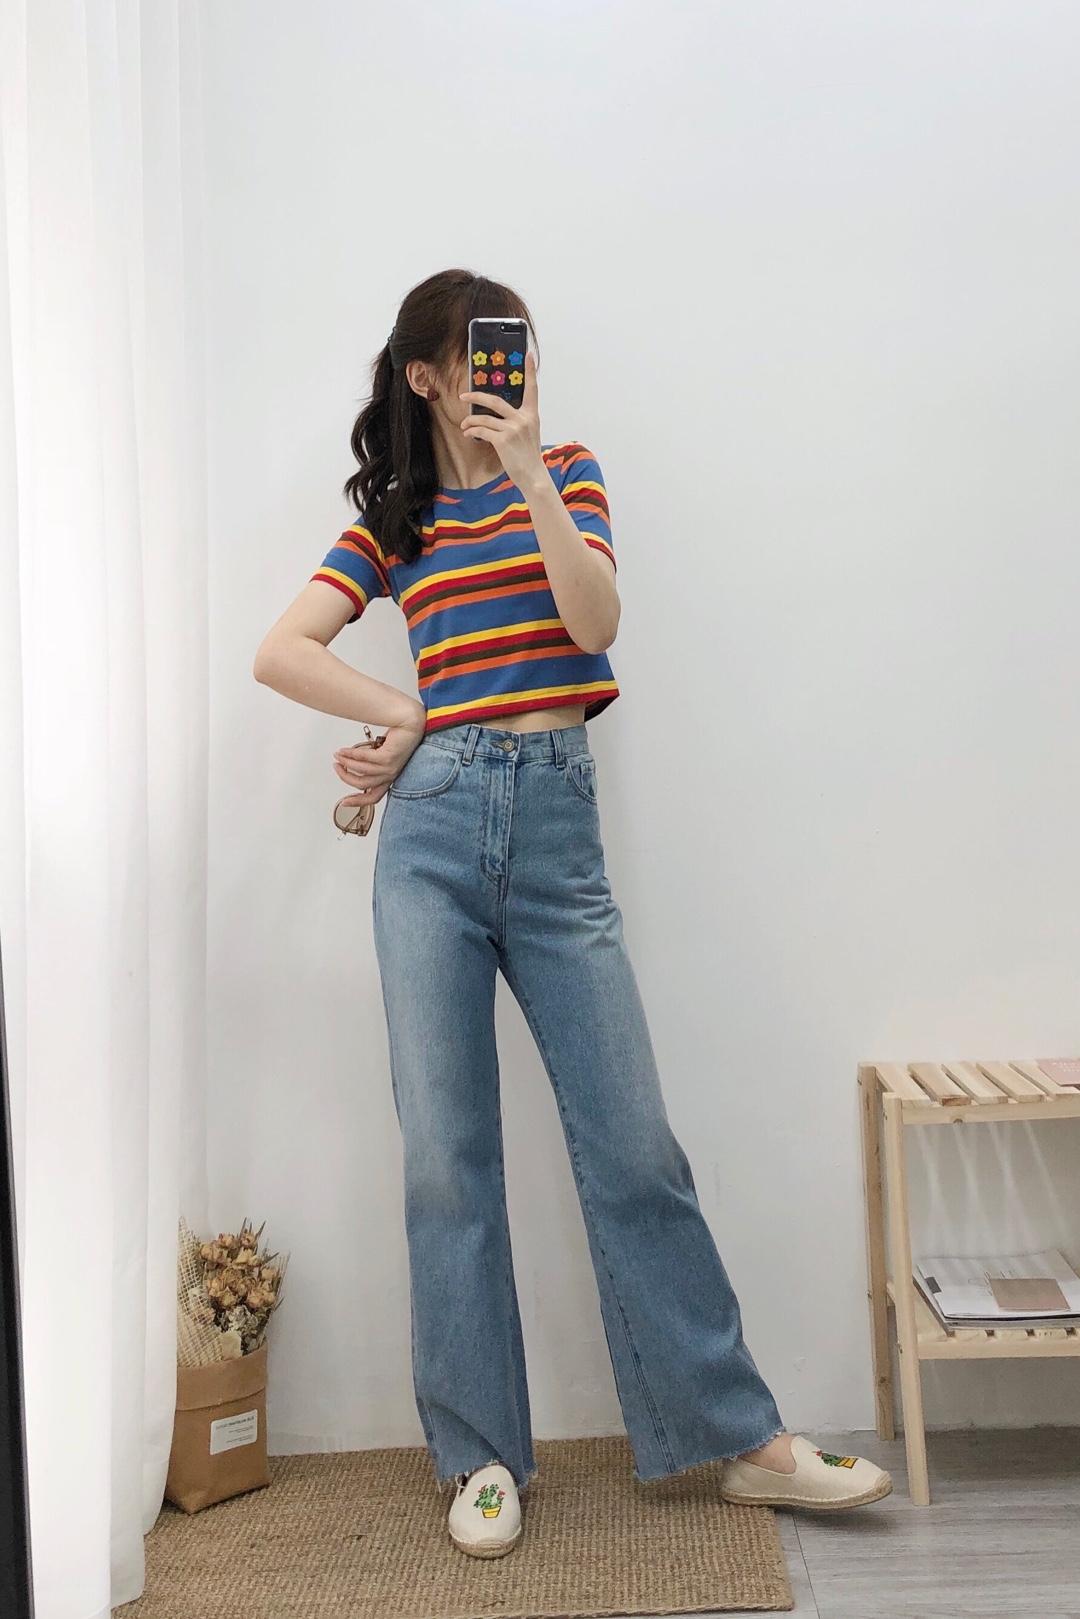 #长高10cm:腰线拉高术!# 彩虹🌈T恤 短款拉高腰线 高腰牛仔长裤 酷酷的